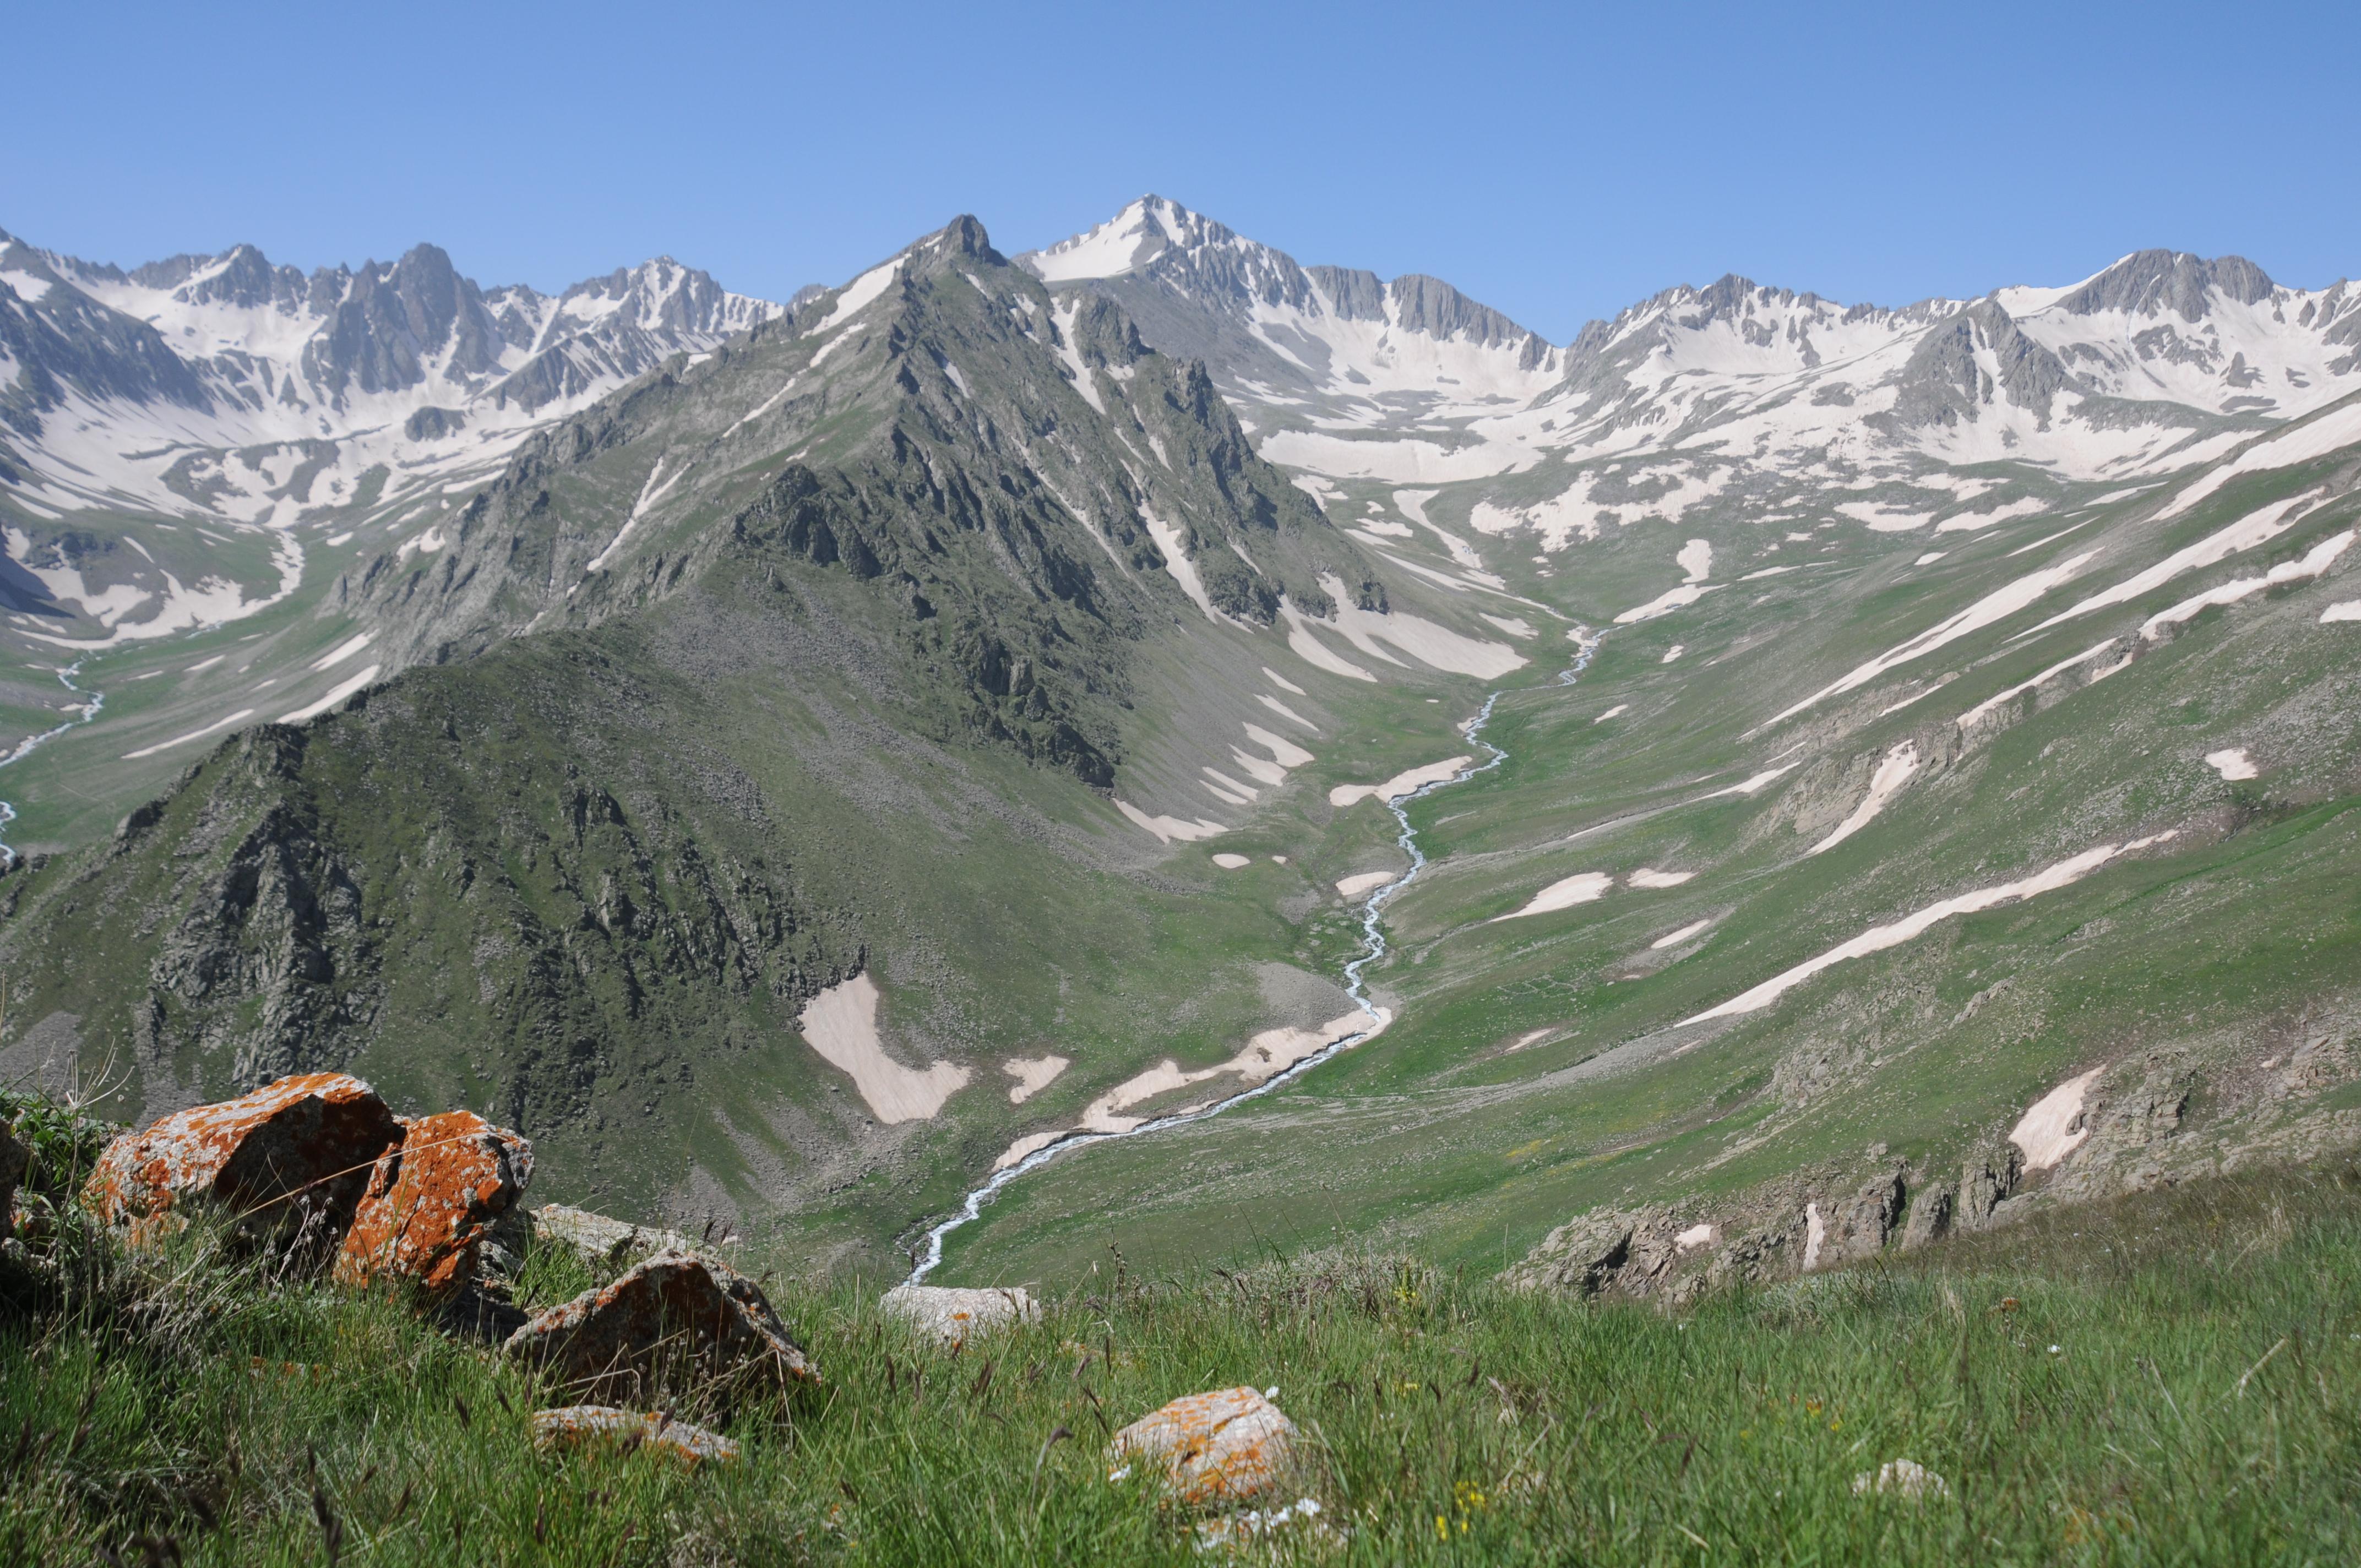 Armenia_landscapesPicture 1642